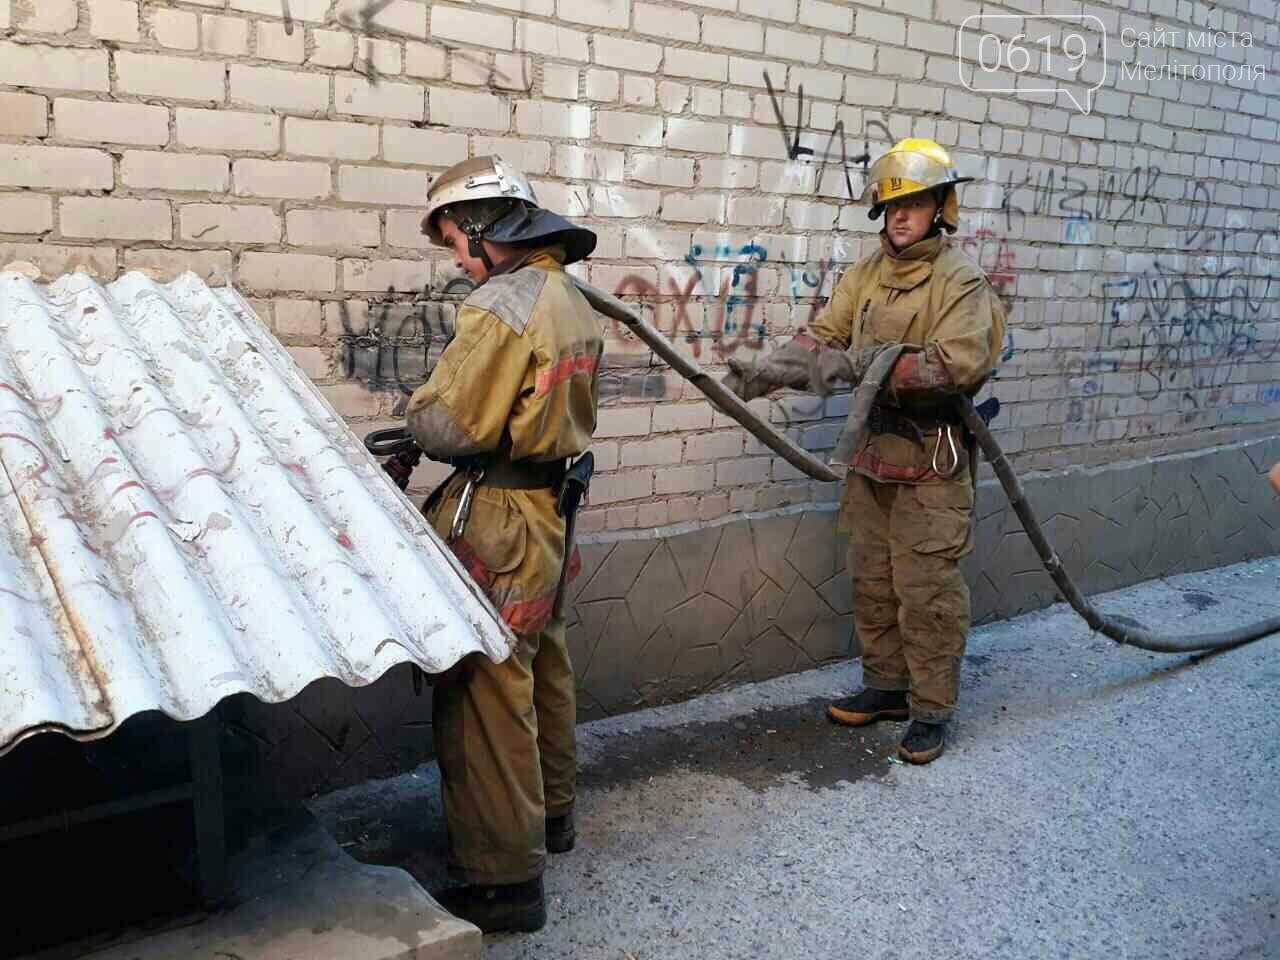 Мелитопольские спасатели потушили пожар в подвале многоэтажки, - ФОТО , фото-8